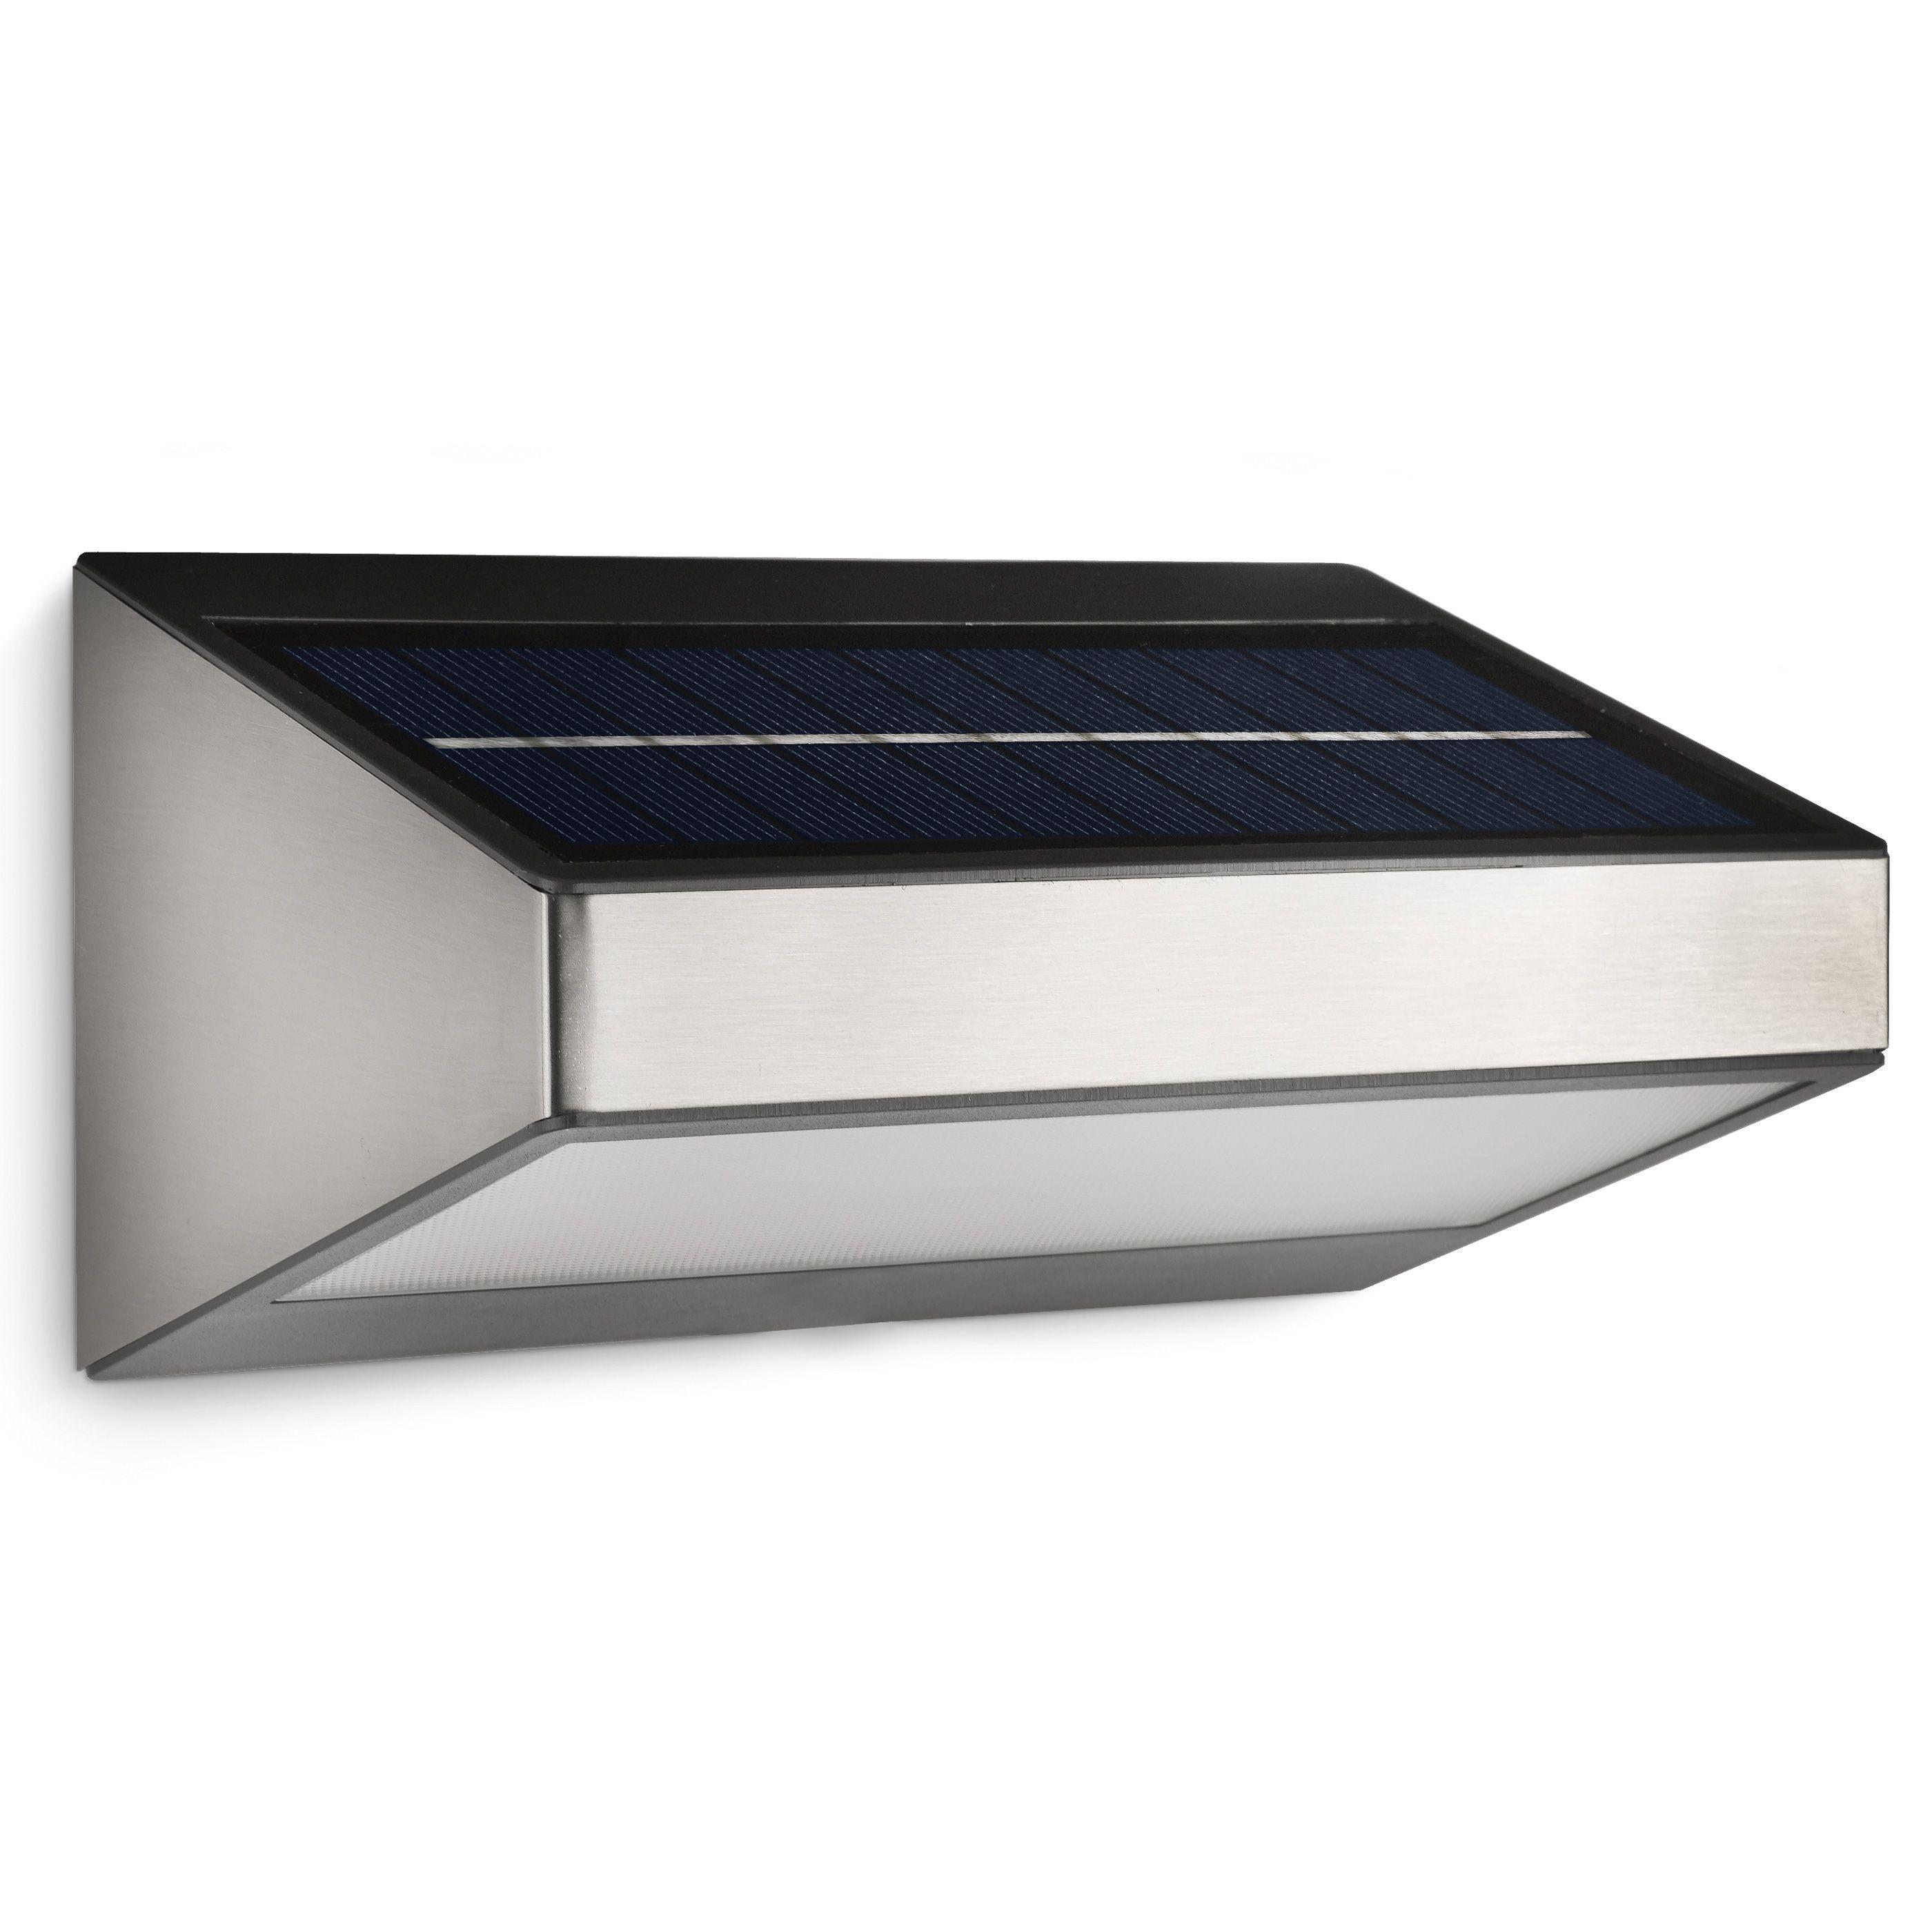 Philips Greenhouse buitenlamp met zonnecel